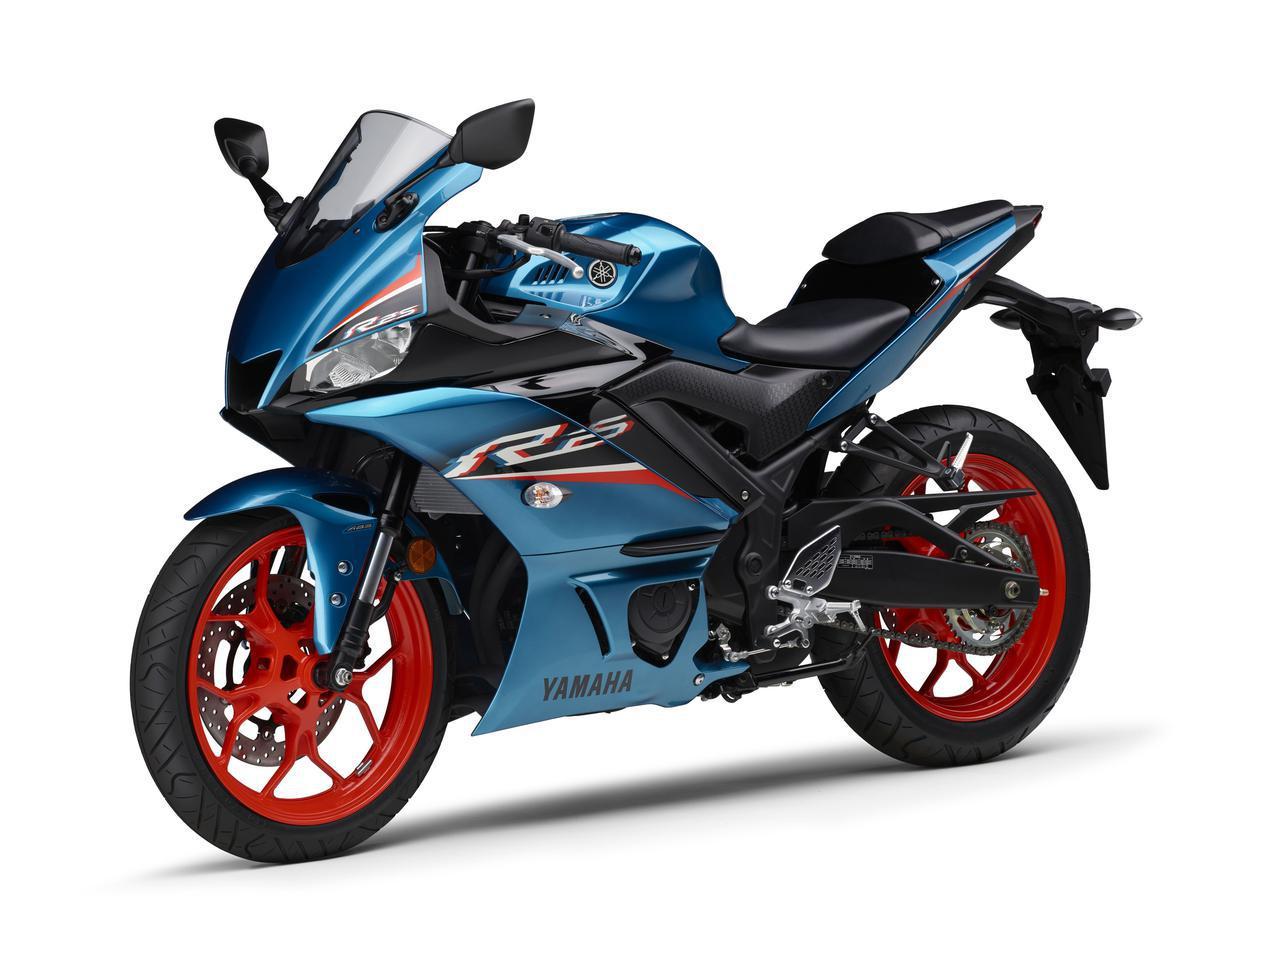 画像23: ヤマハが「YZF-R25」「YZF-R3」の2021年モデルを発売! トレンド色のシアンを初採用